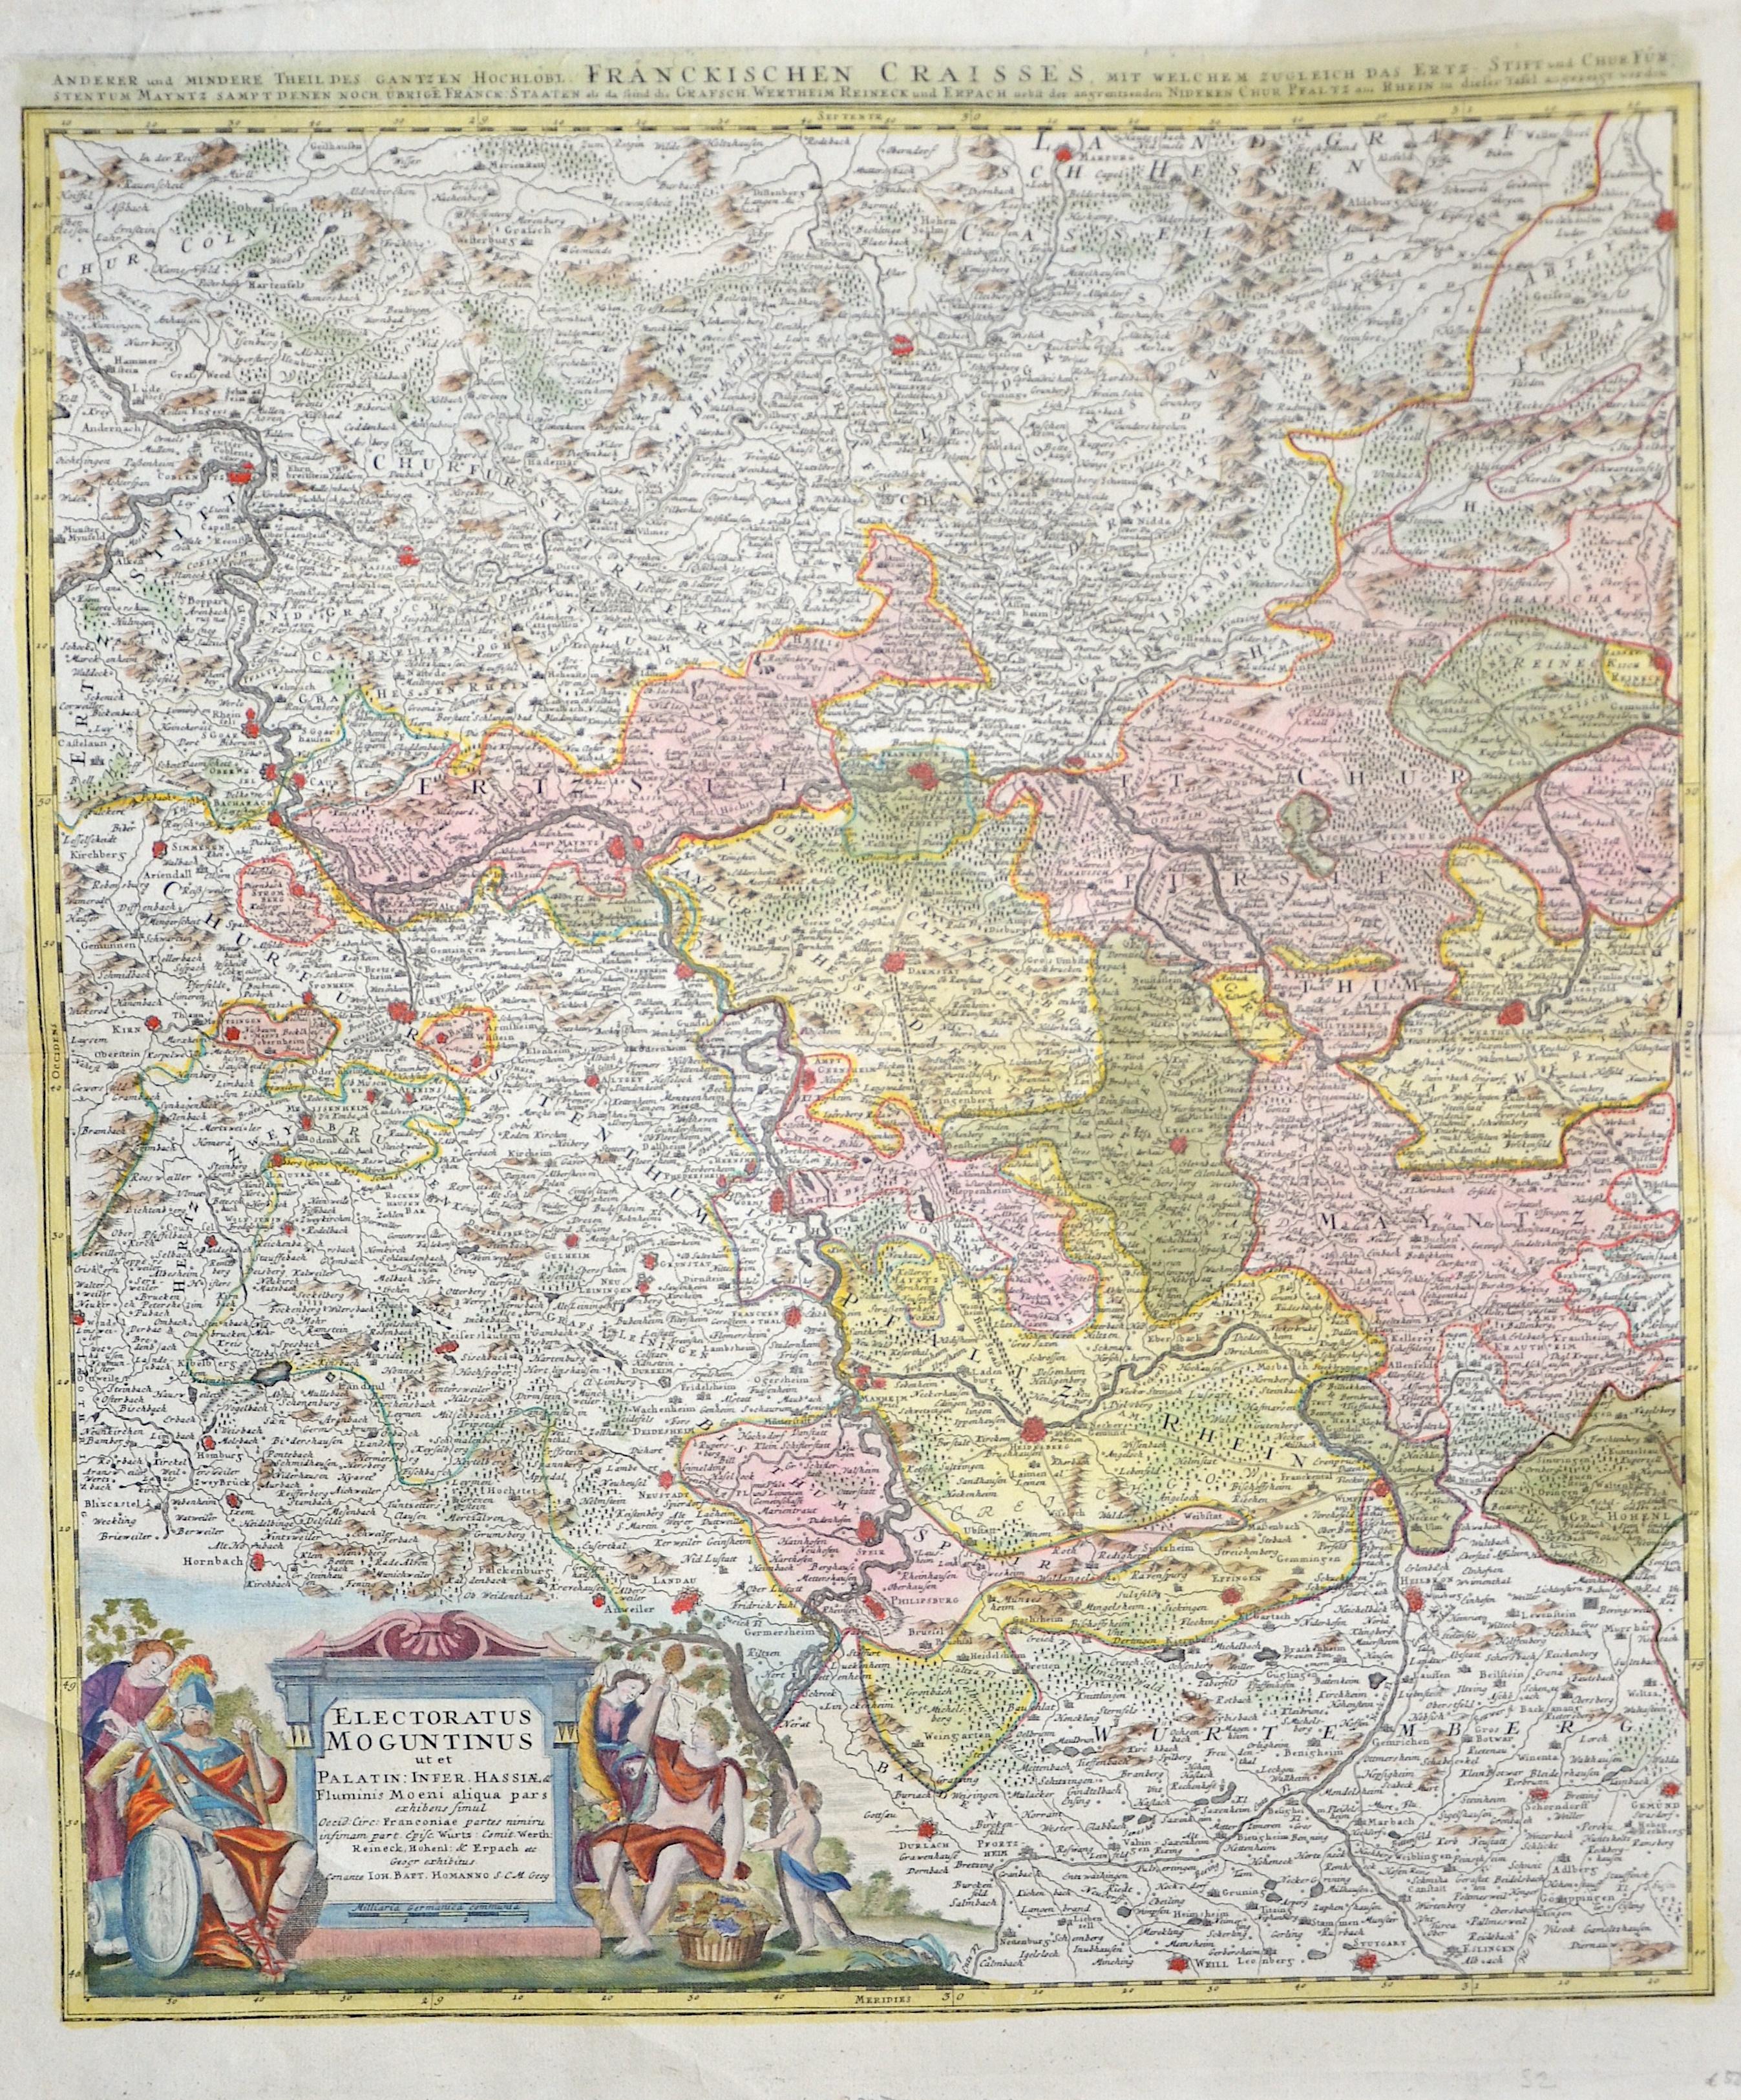 Homann Johann Babtiste Electoratus Moguntinus ut et Palatin: Infer. Hassiae, & /Anderer und mindere Theil des gantzen hochlöbl. Fränckischen Craisses,..